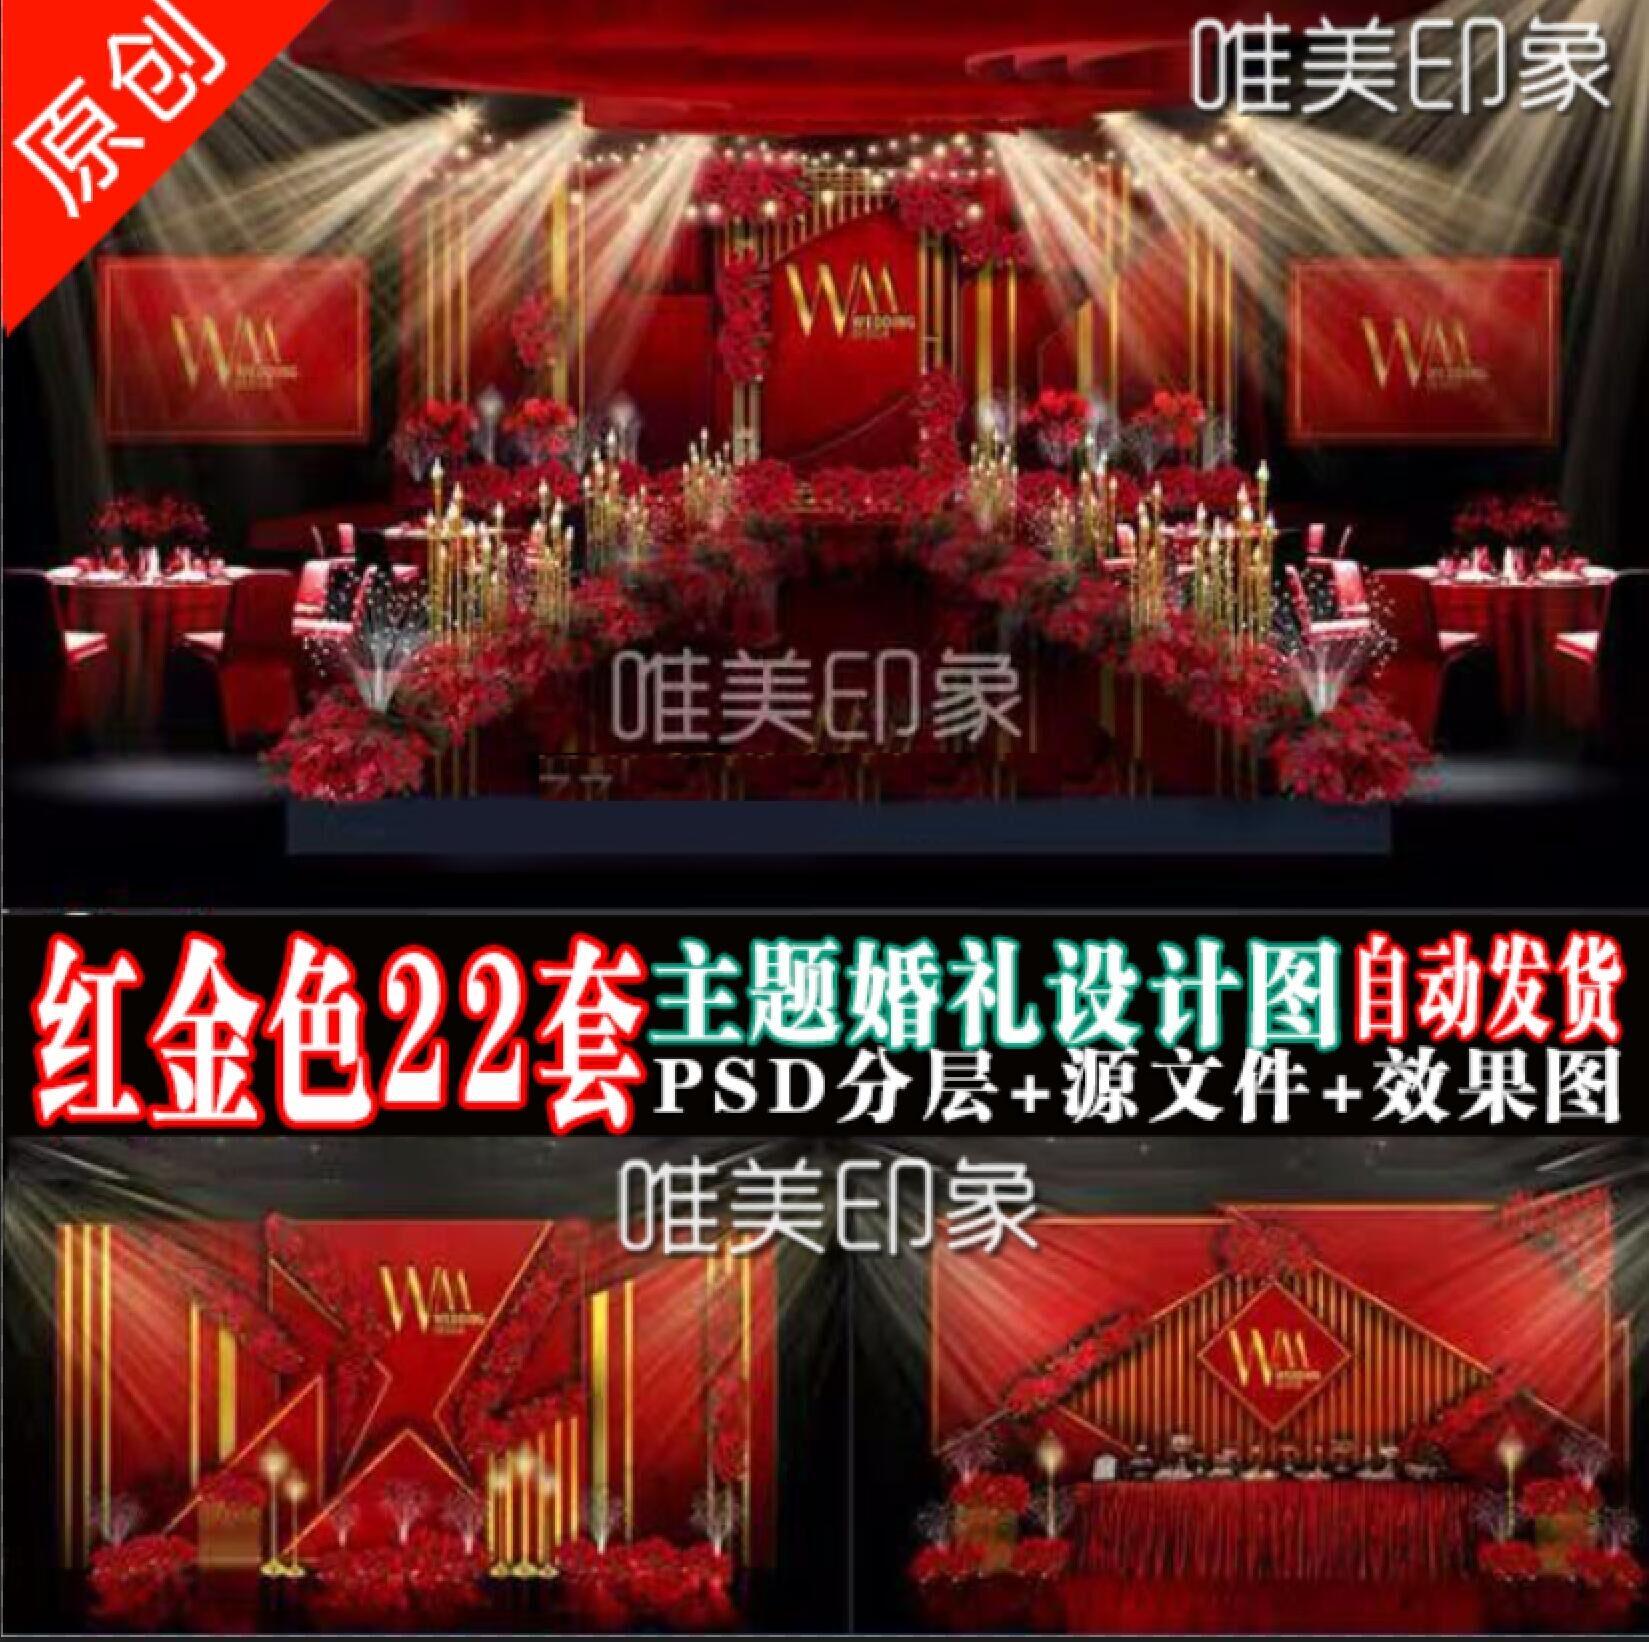 红金色欧式巴洛克婚礼背景喷绘kt设计psd素材现场布置婚庆效果图